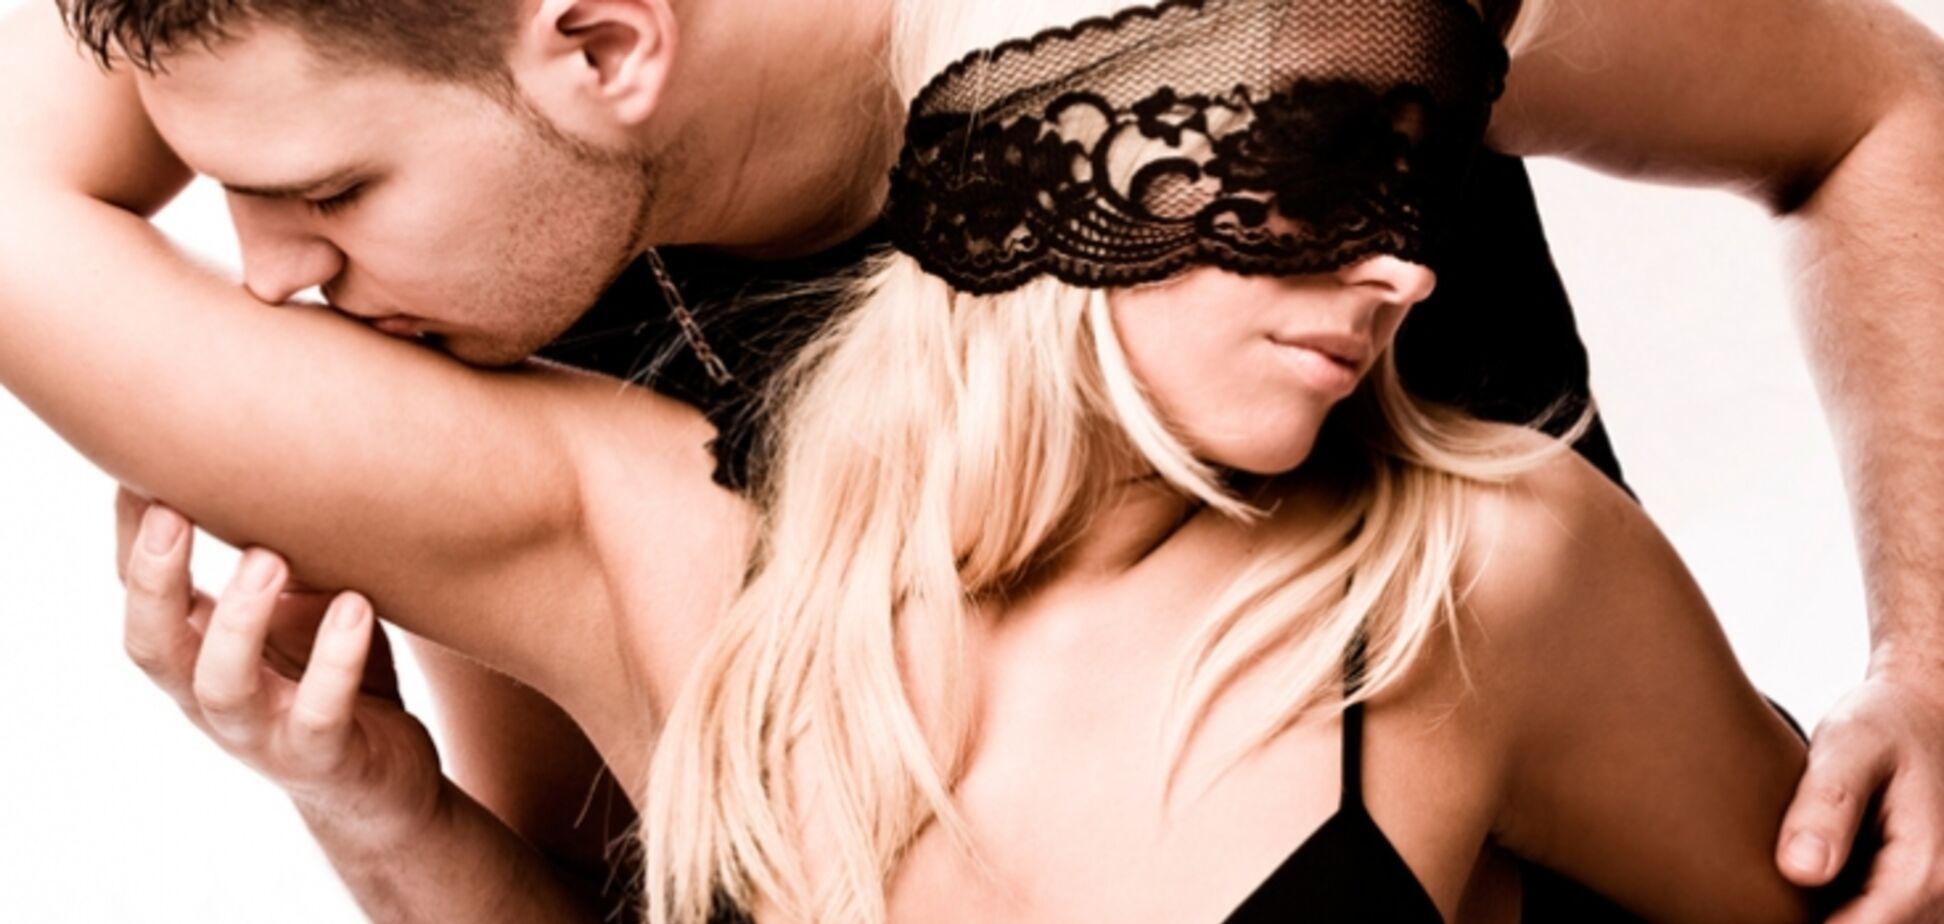 Сексуальные тайны: психологи выяснили, о чем мечтают женщины